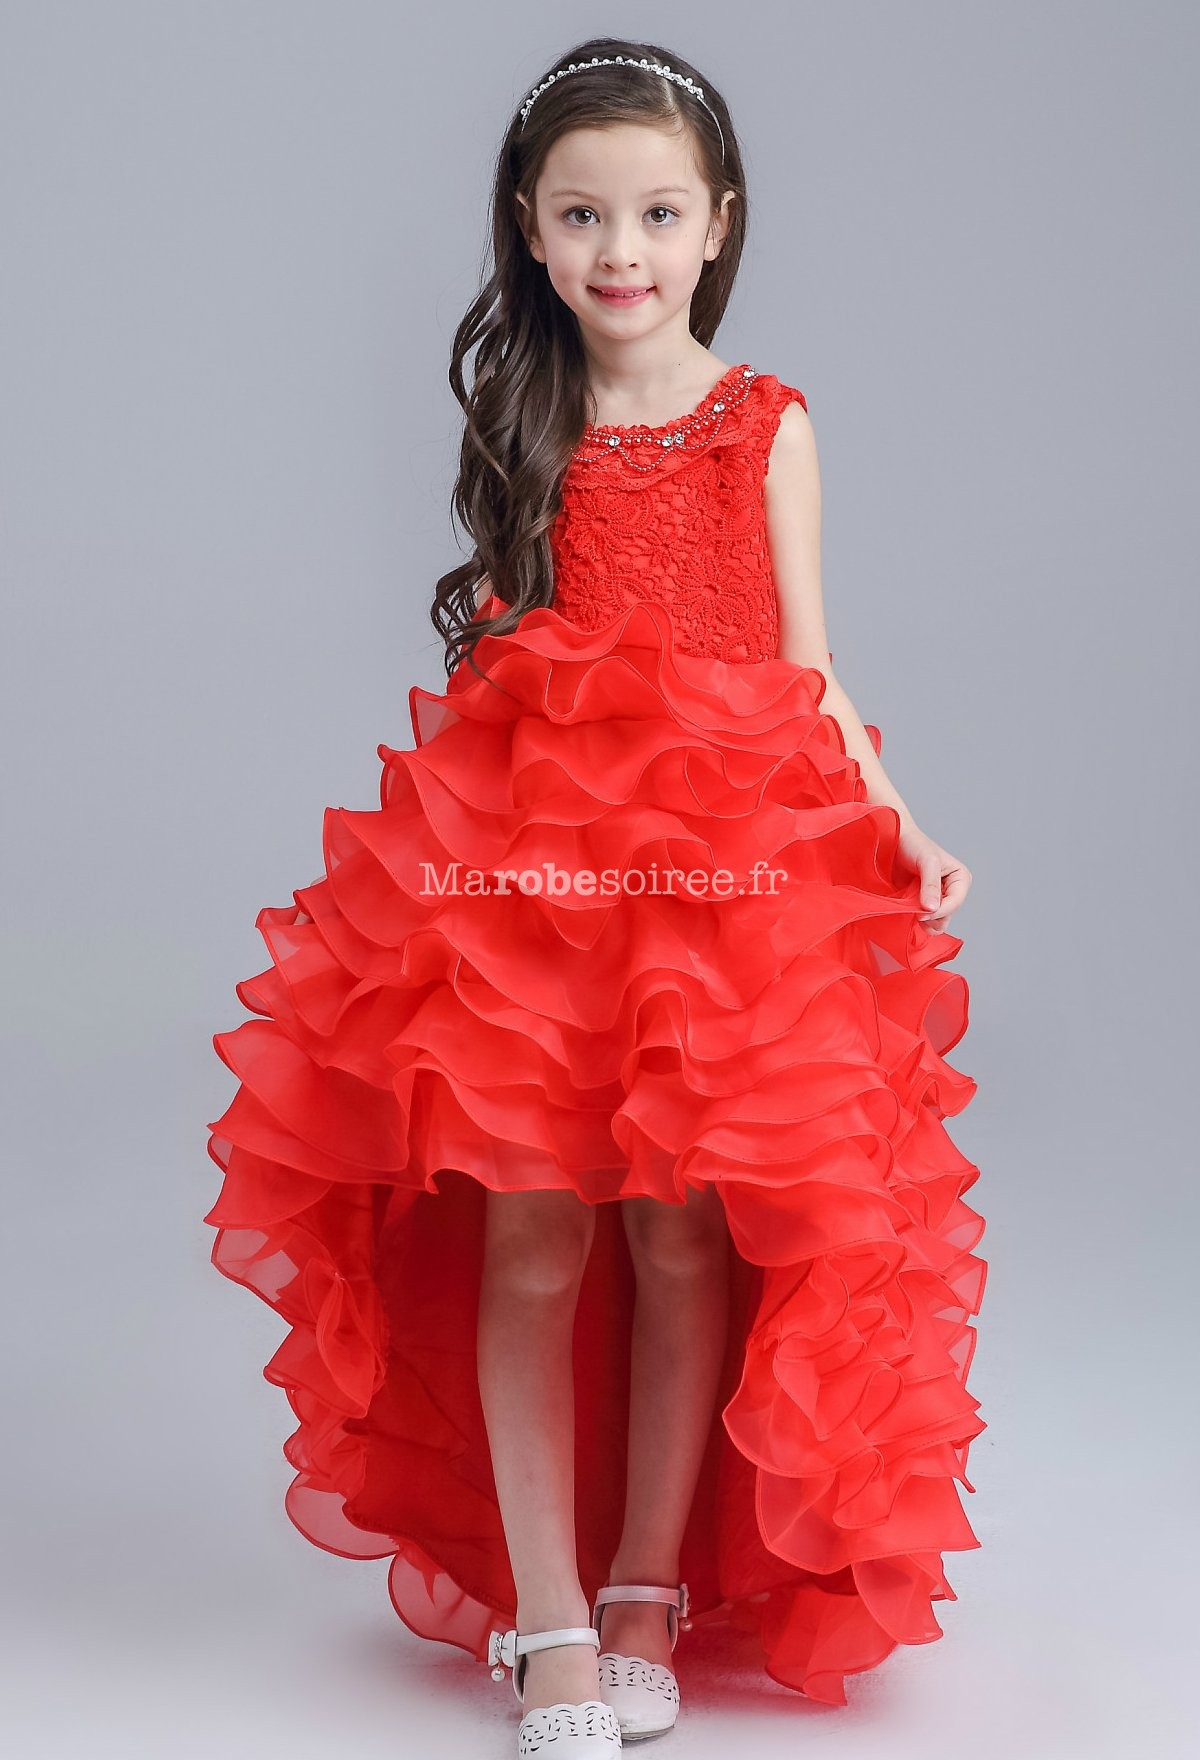 c2466ec6e73ca Robe De Soirée Jeune Fille Rouge